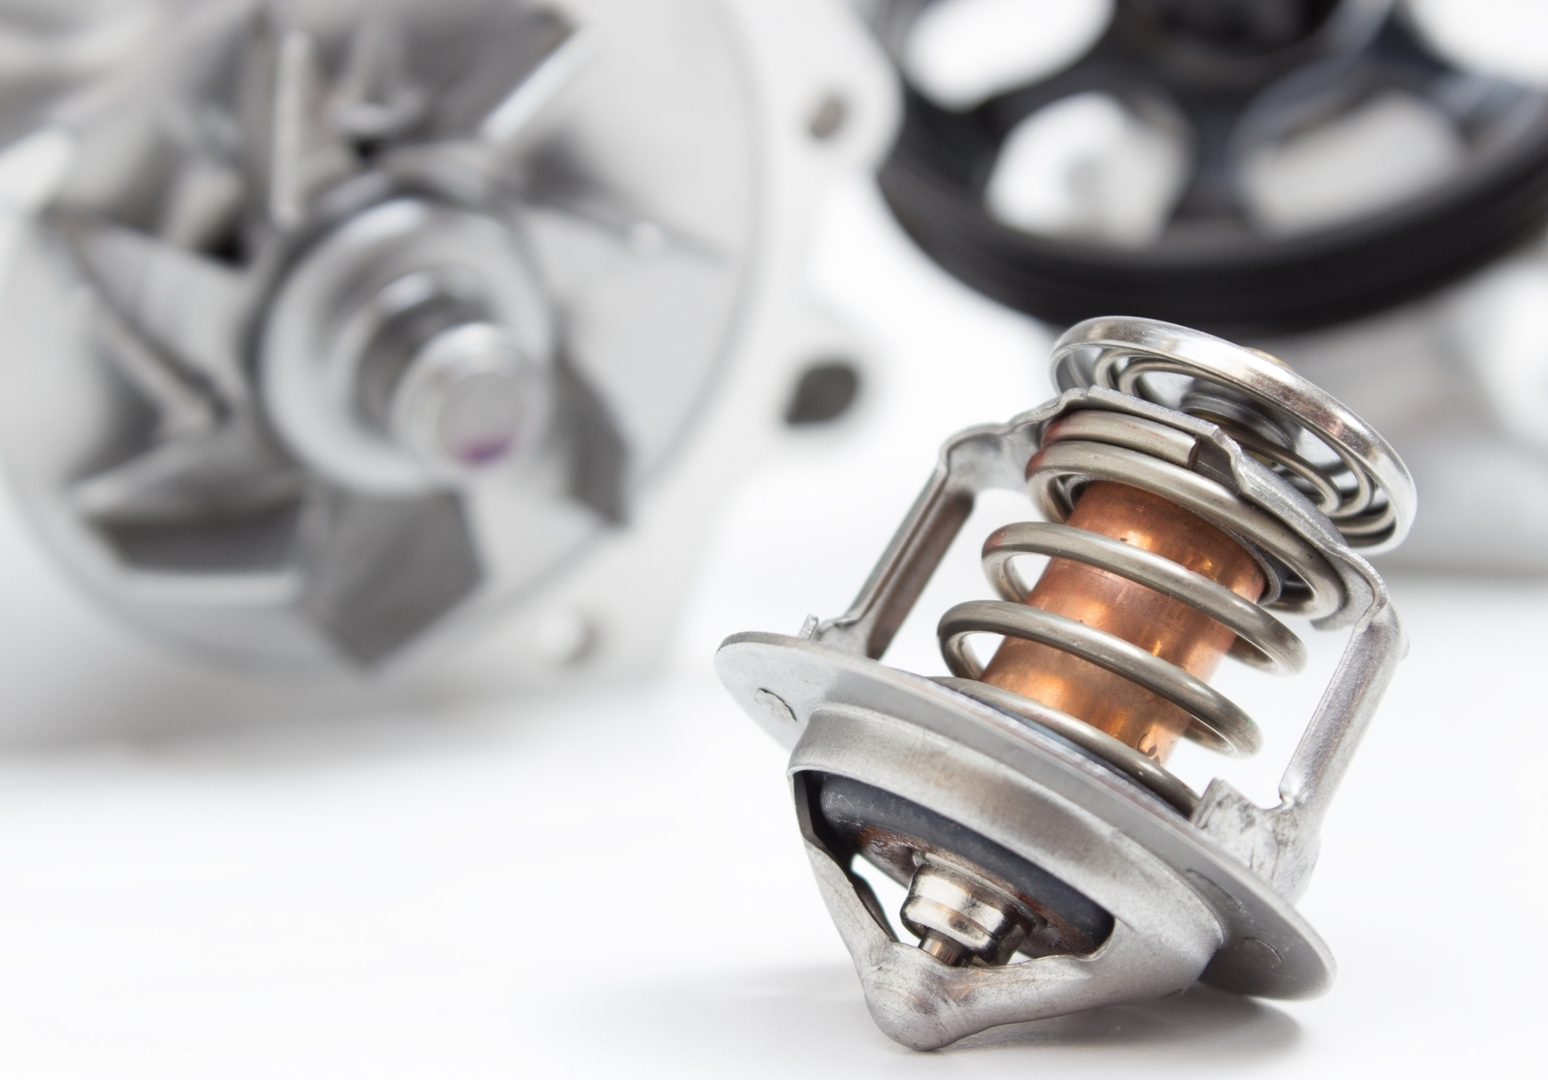 Как просто и быстро починить систему охлаждения мотора в жару